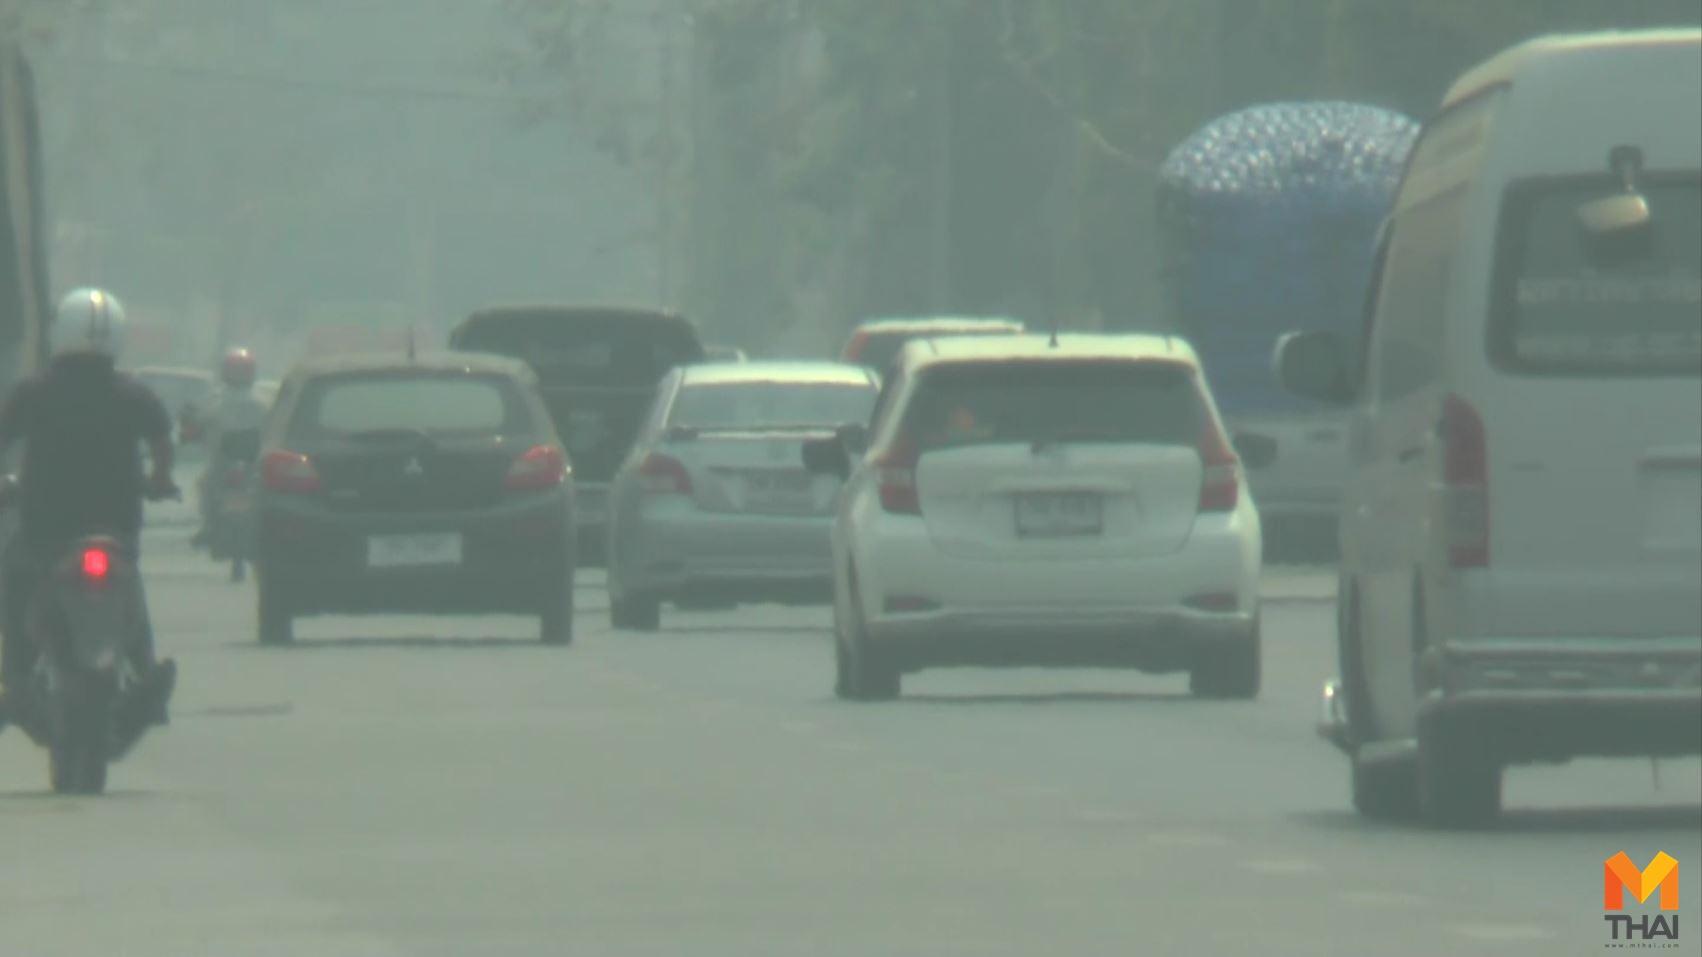 PM 2.5 ข่าวภูมิภาค ฝุ่นละออง พะเยา หมอกควัน เผา ไฟป่า